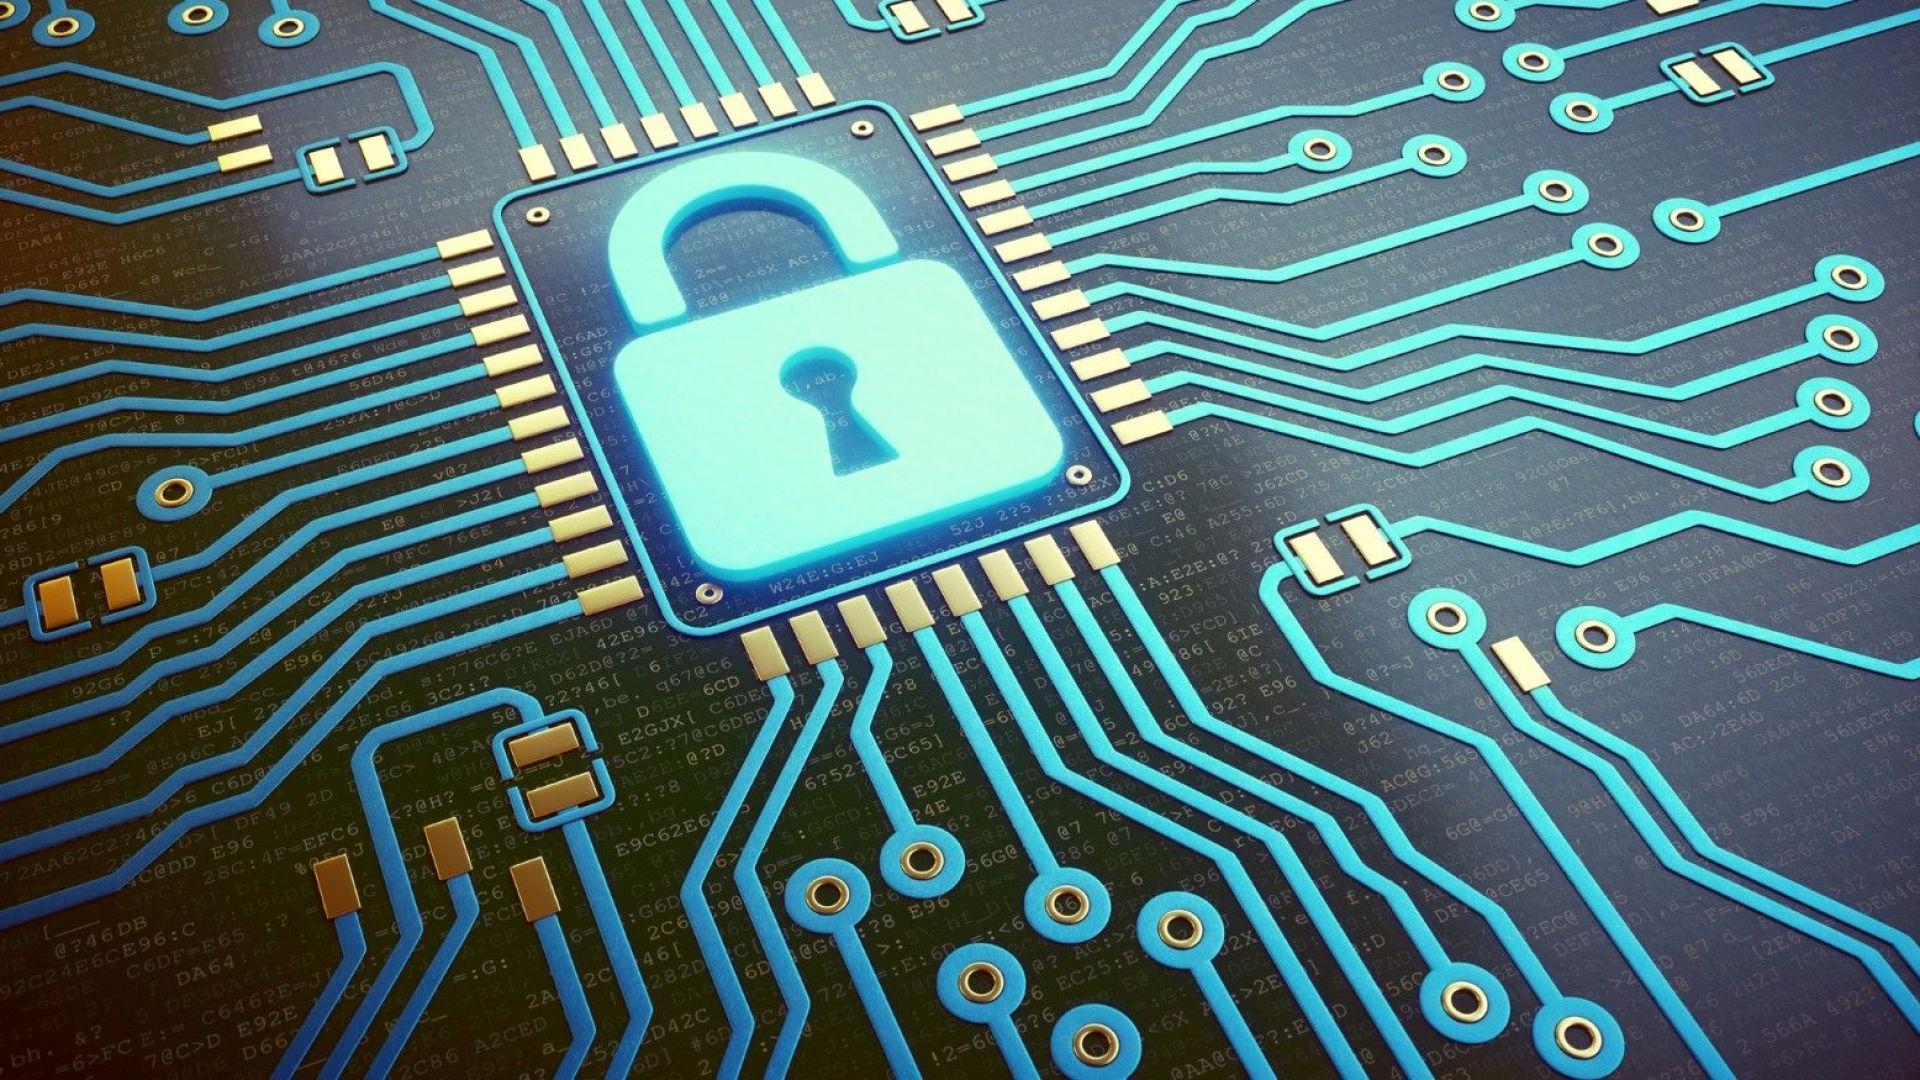 """""""Дигитална катастрофа"""" и """"Това беше въпрос на време"""": Експертите за кибератаката по НАП"""